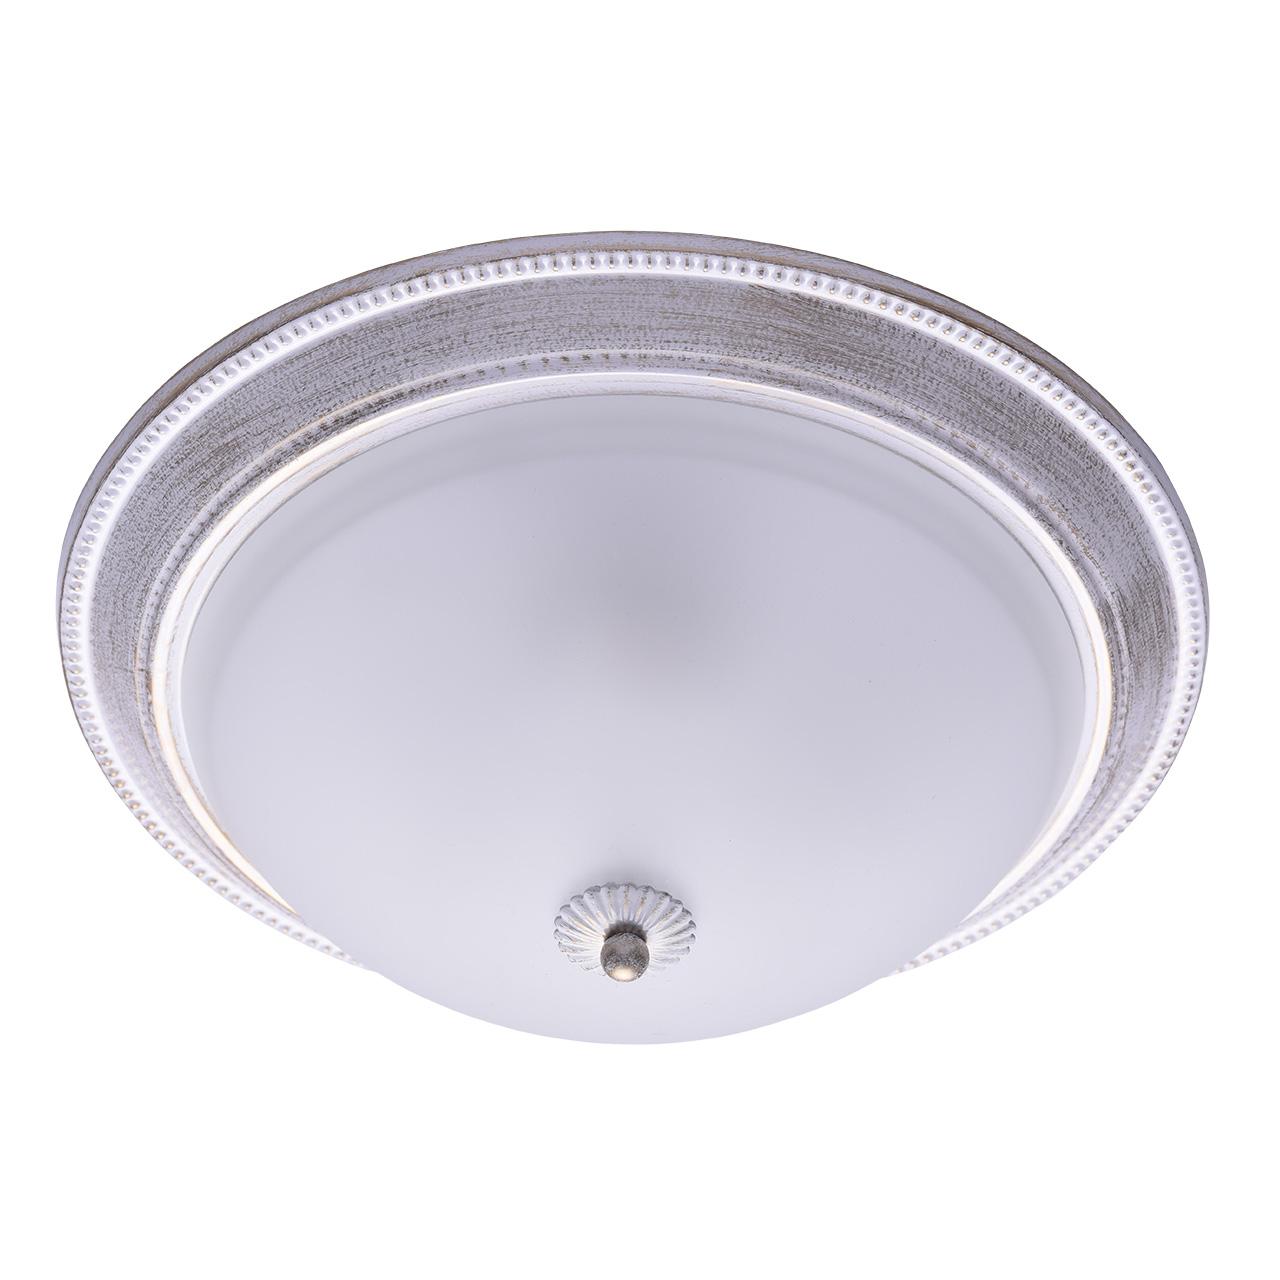 Потолочный светильник MW-Light Ариадна 11 450013403 фото